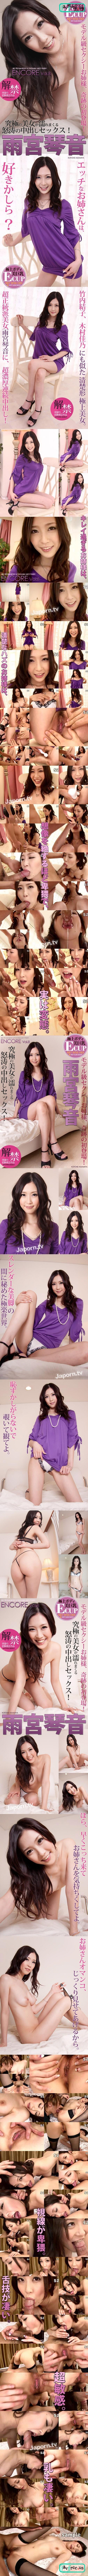 [S2M 008] Encore Vol.8 : Kotone Amamiya (ンコール Vol.8 : 雨宮琴音) 雨宮琴音 S2M Kotone Amamiya Encore